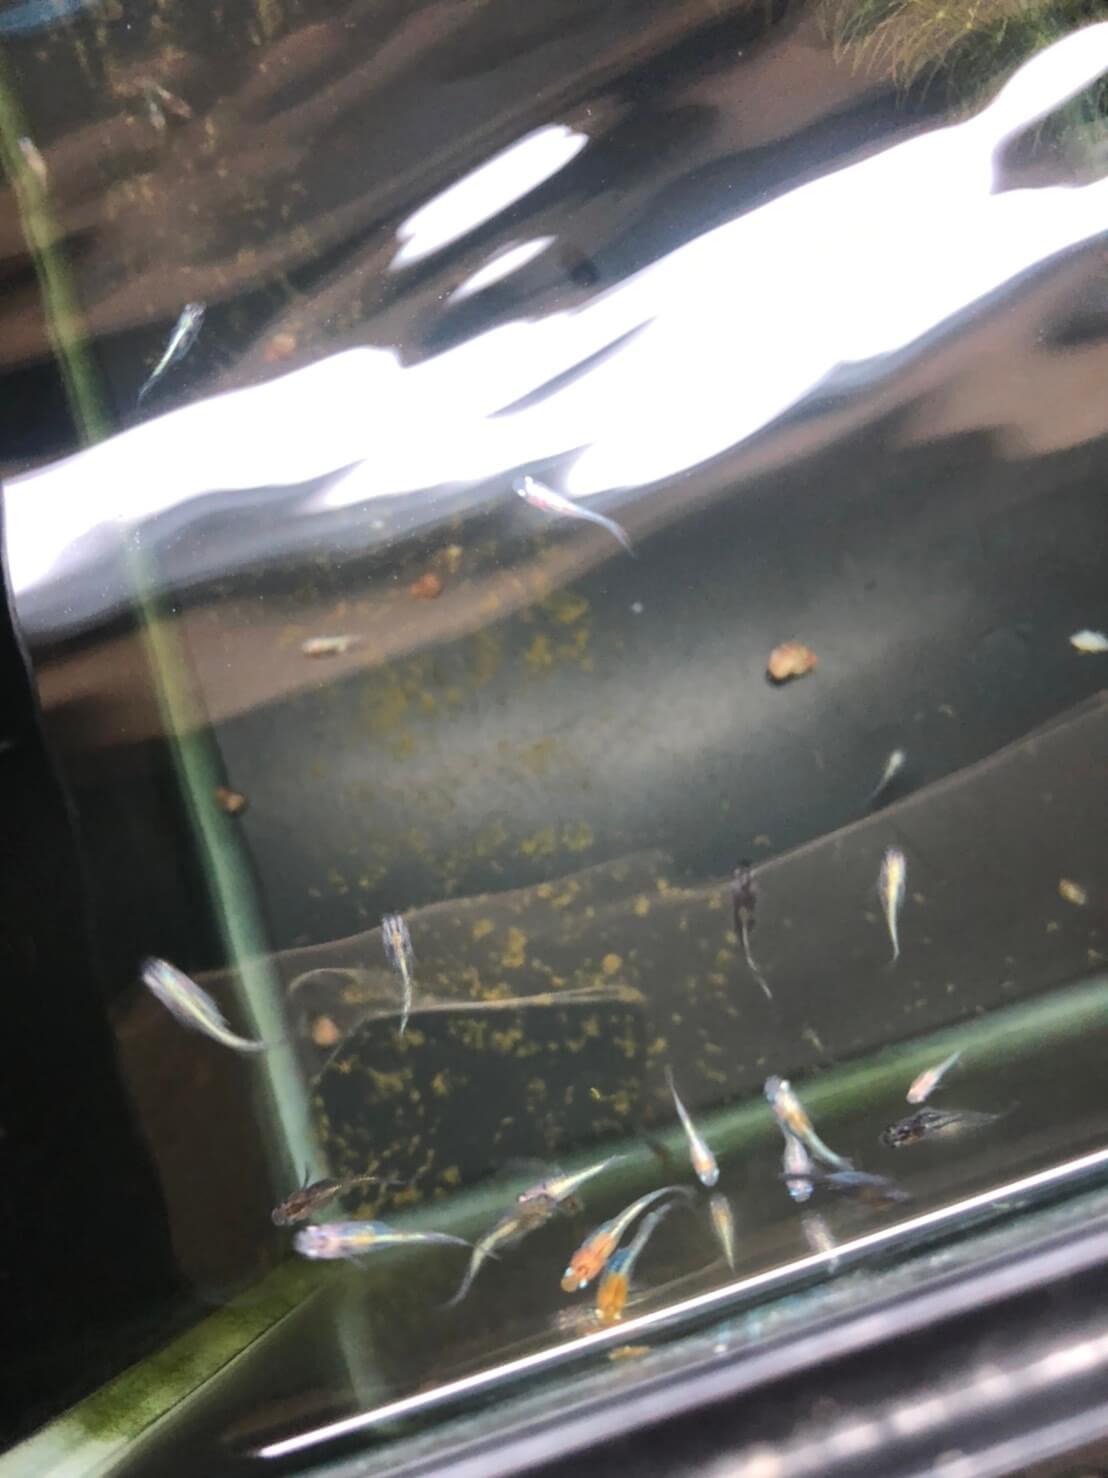 めだか屋BIO-LABO(バイオラボ)奈良県大和高田市のメダカ屋で販売されてるメダカ